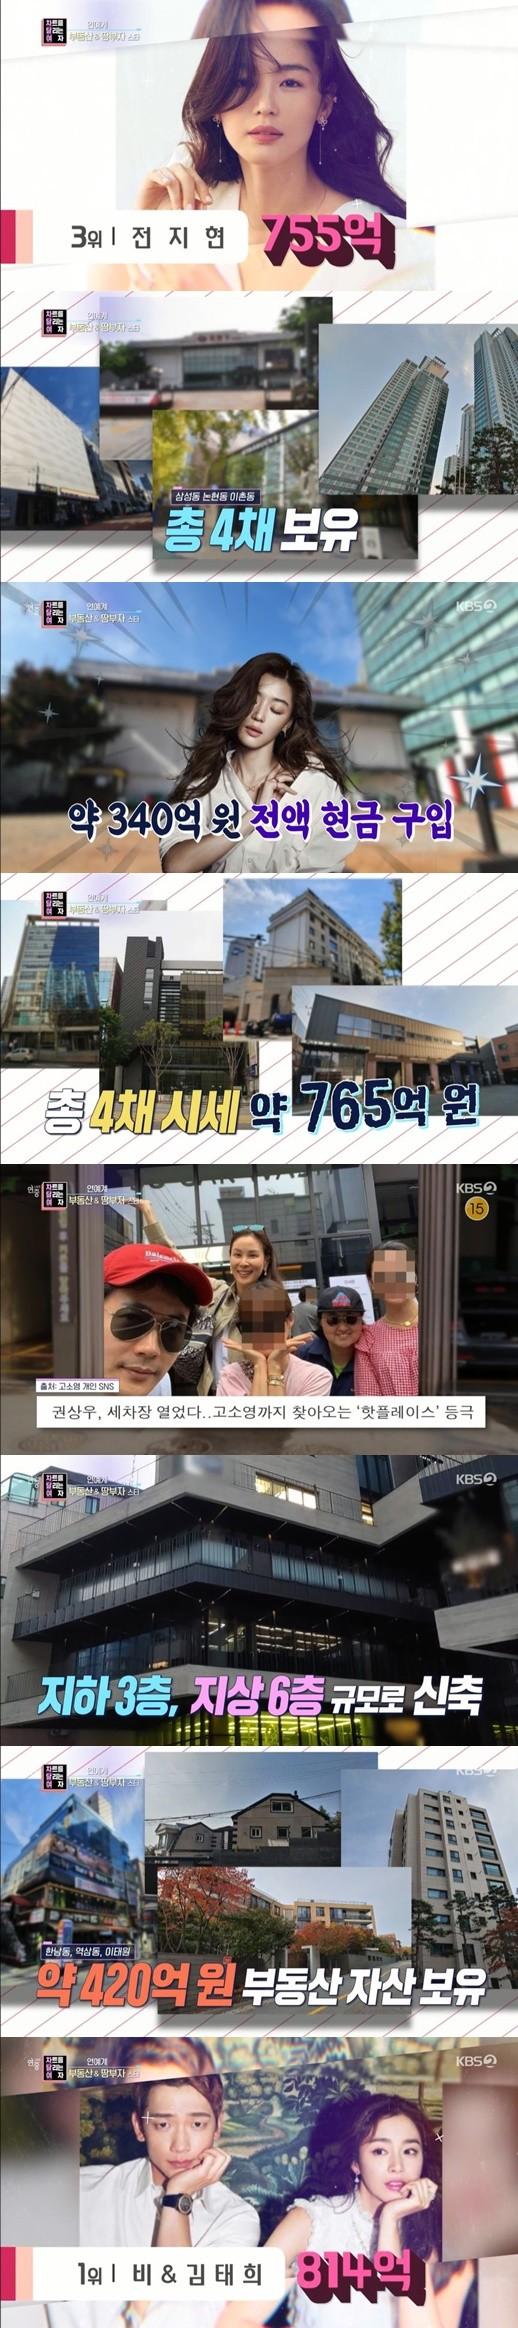 韩国演艺界房产富豪榜